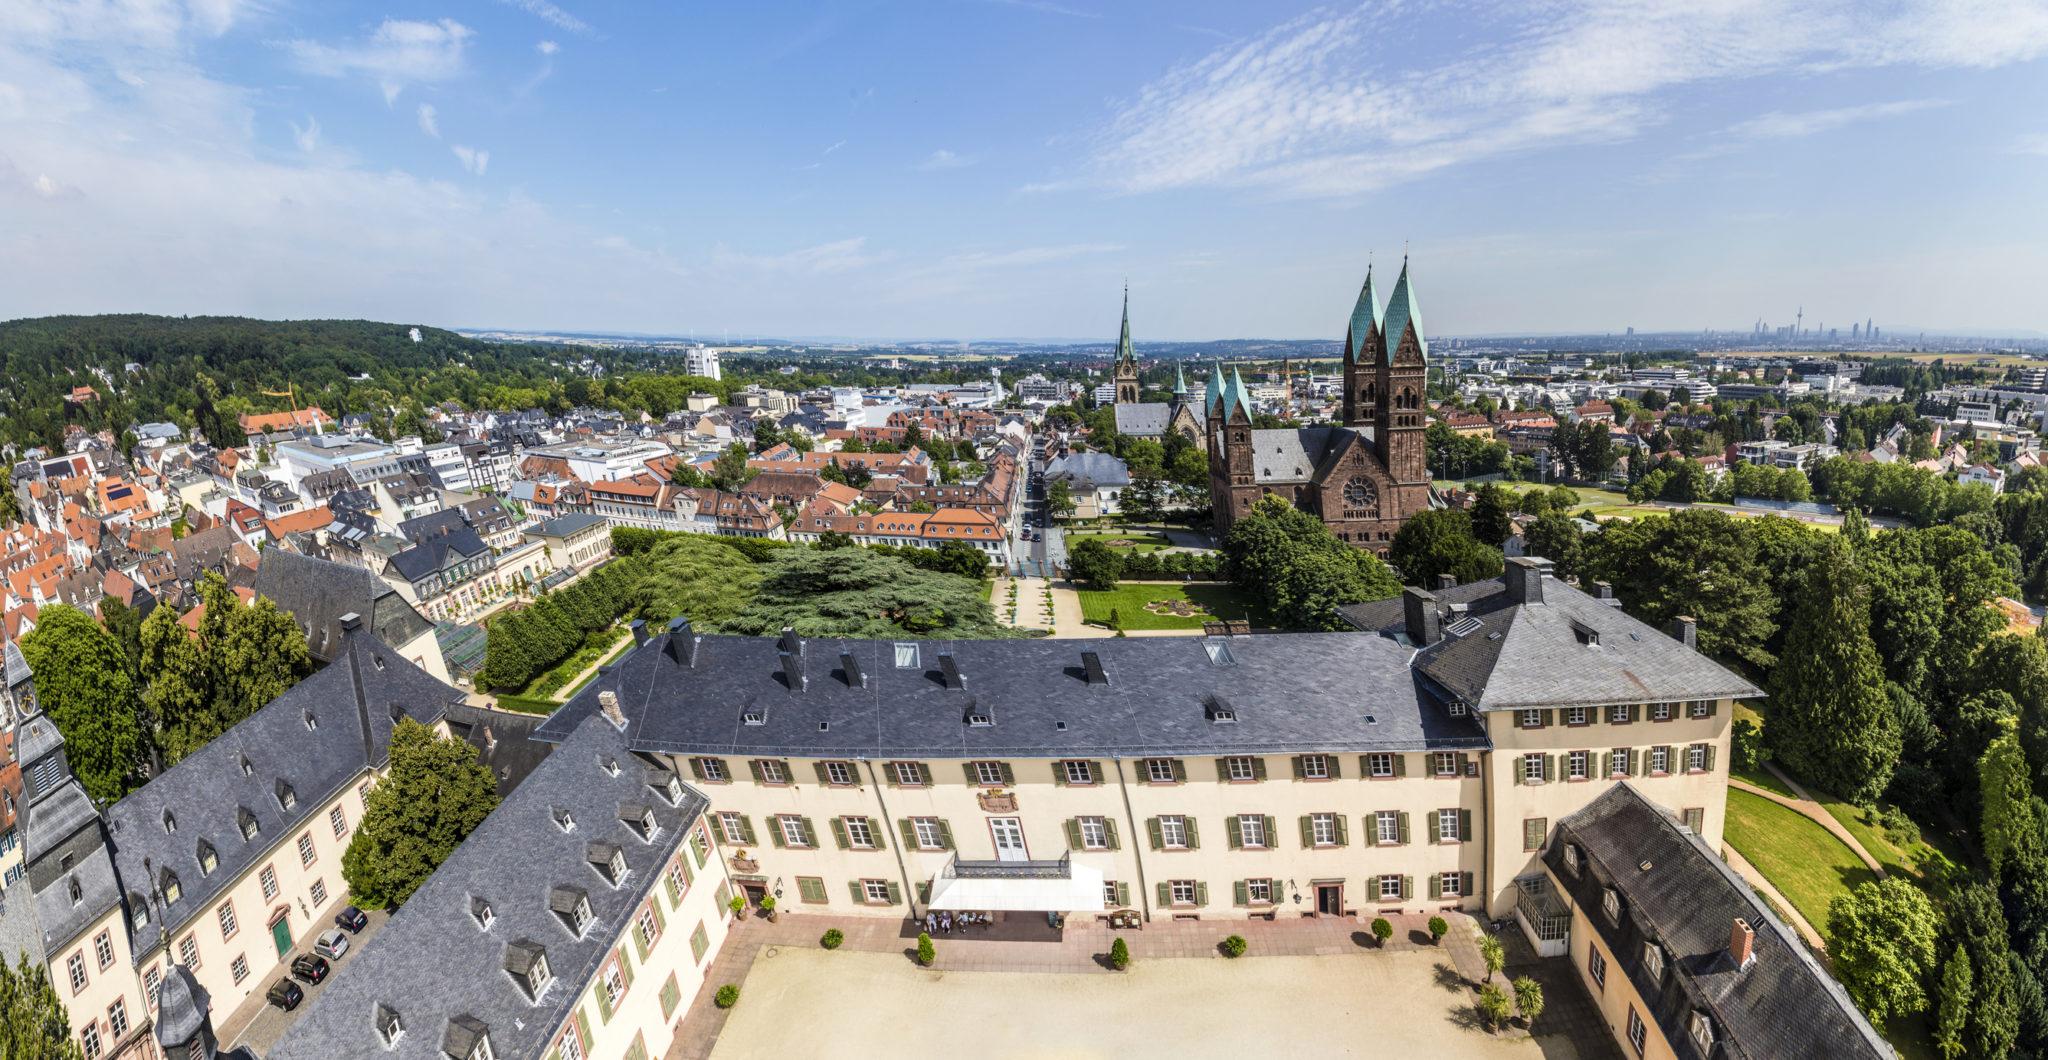 Haushaltsauflösung und Entrümpelung in Bad Homburg